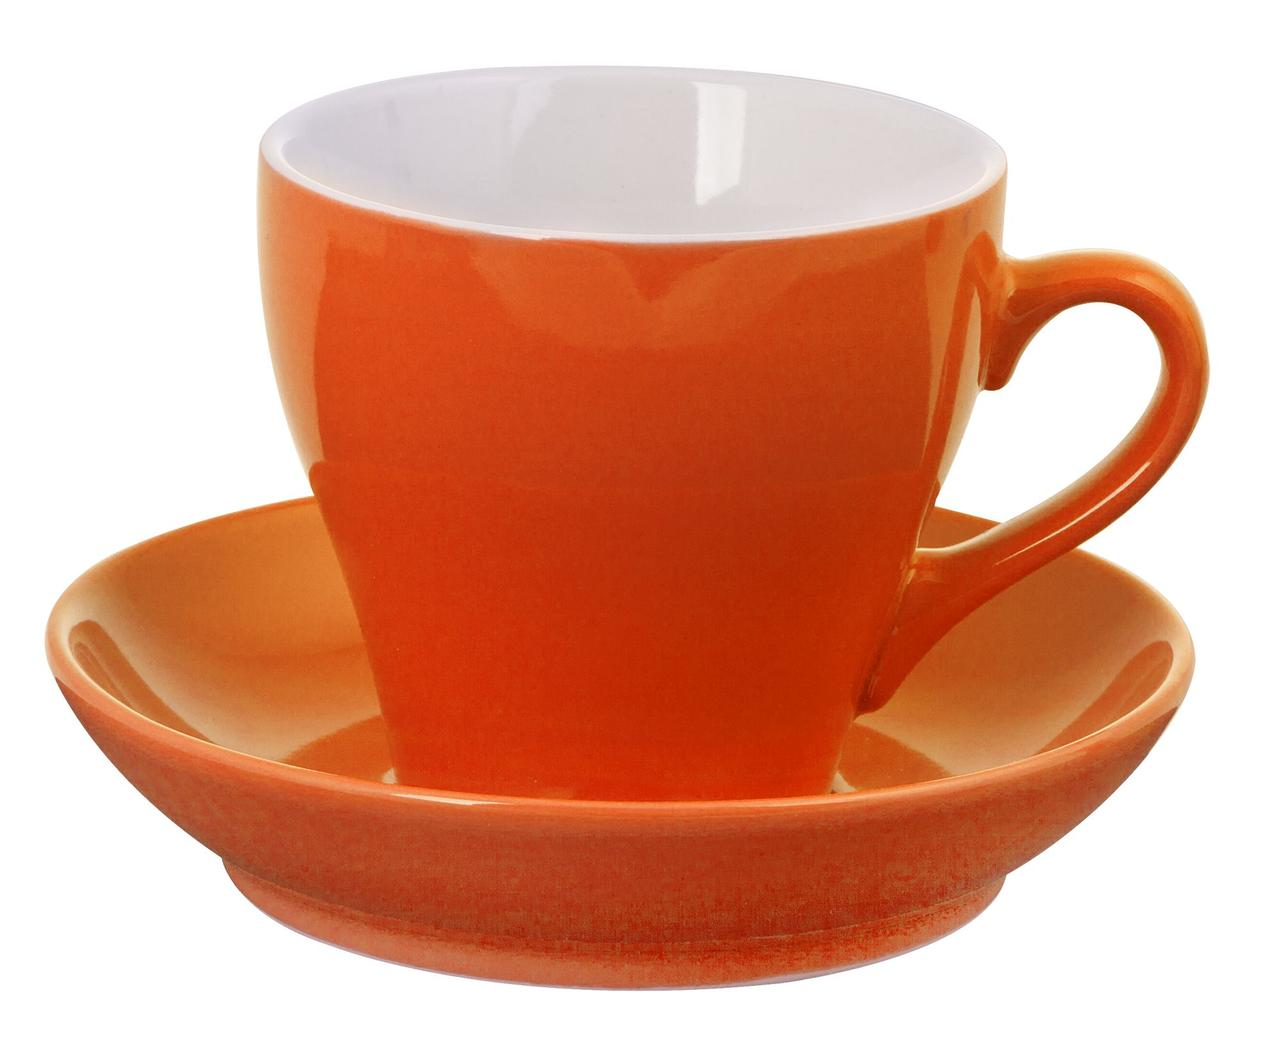 Чайная пара Tulip, оранжевая (артикул 6477.20)